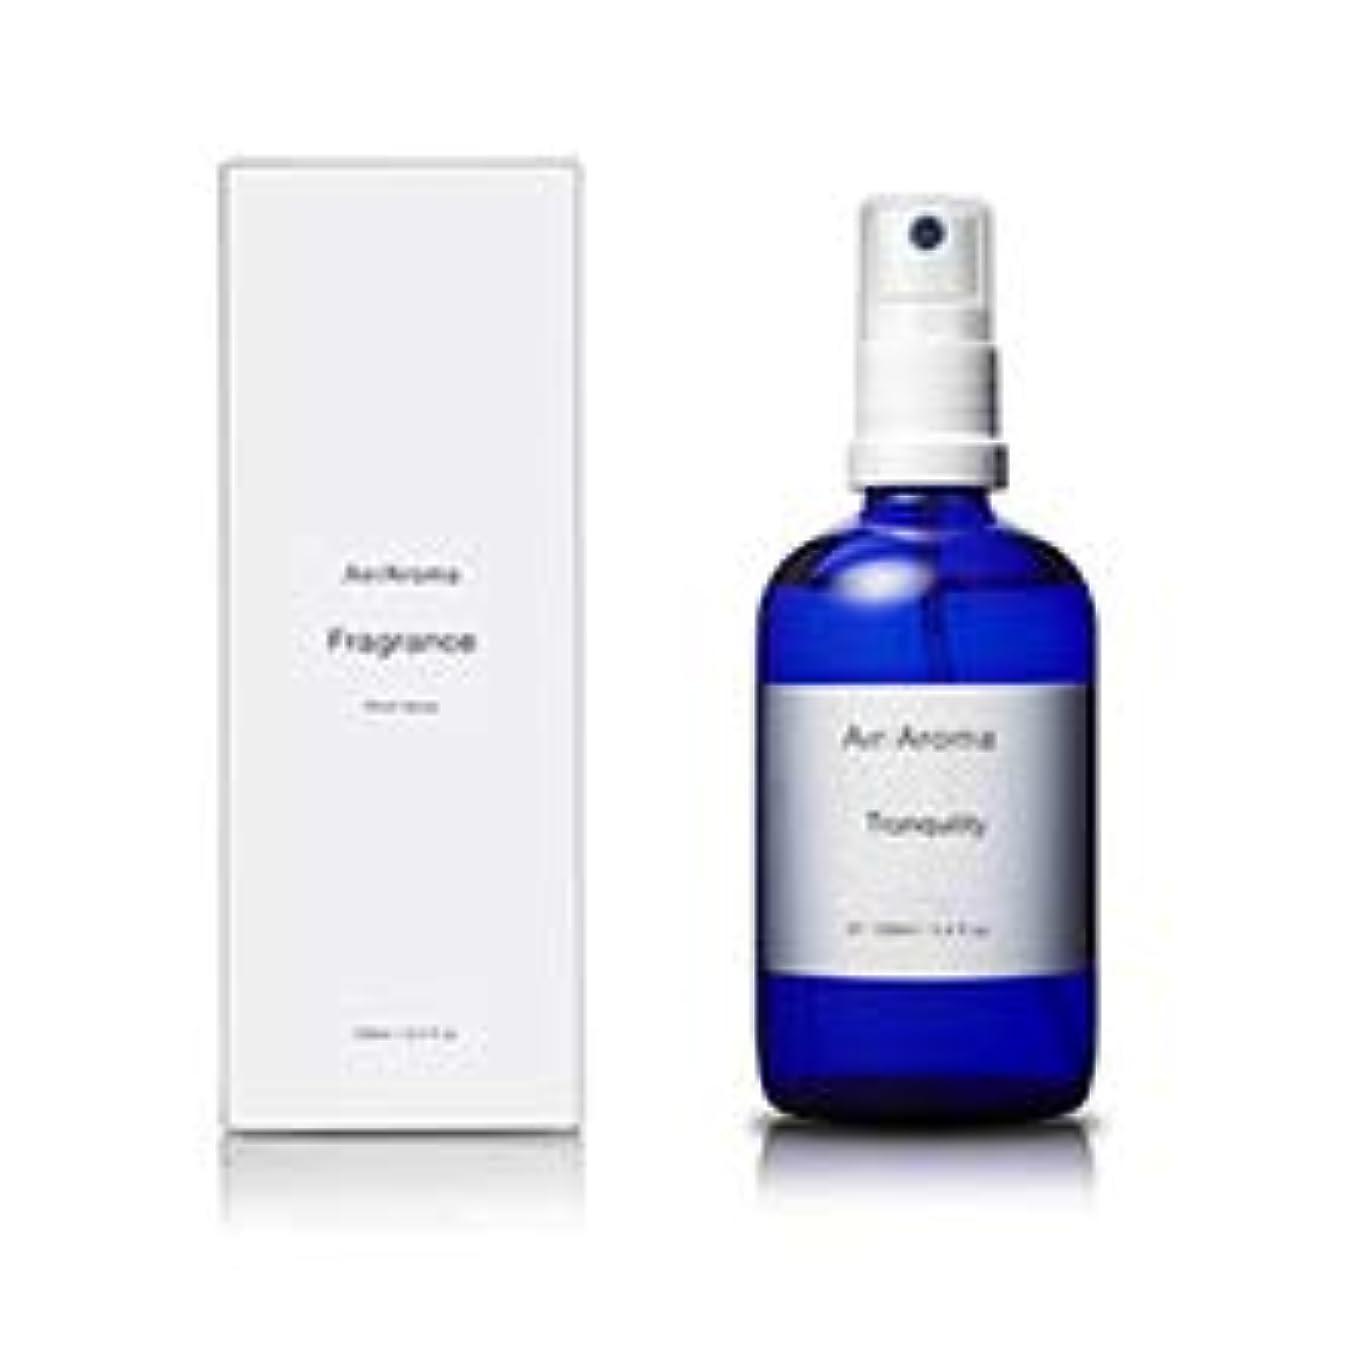 マークされた領域ステージエアアロマ tranquility room fragrance (トランキリティー ルームフレグランス) 100ml